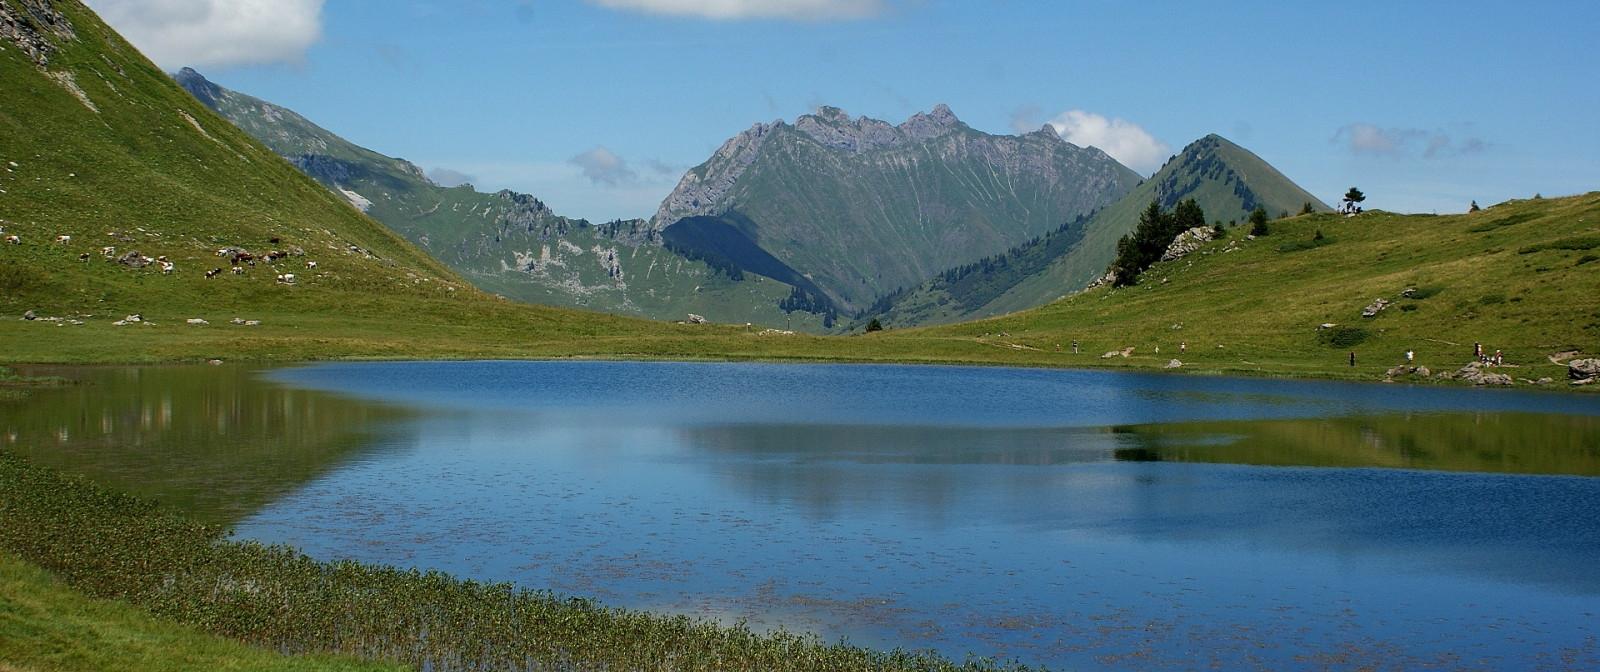 Lac de roy prazdelys